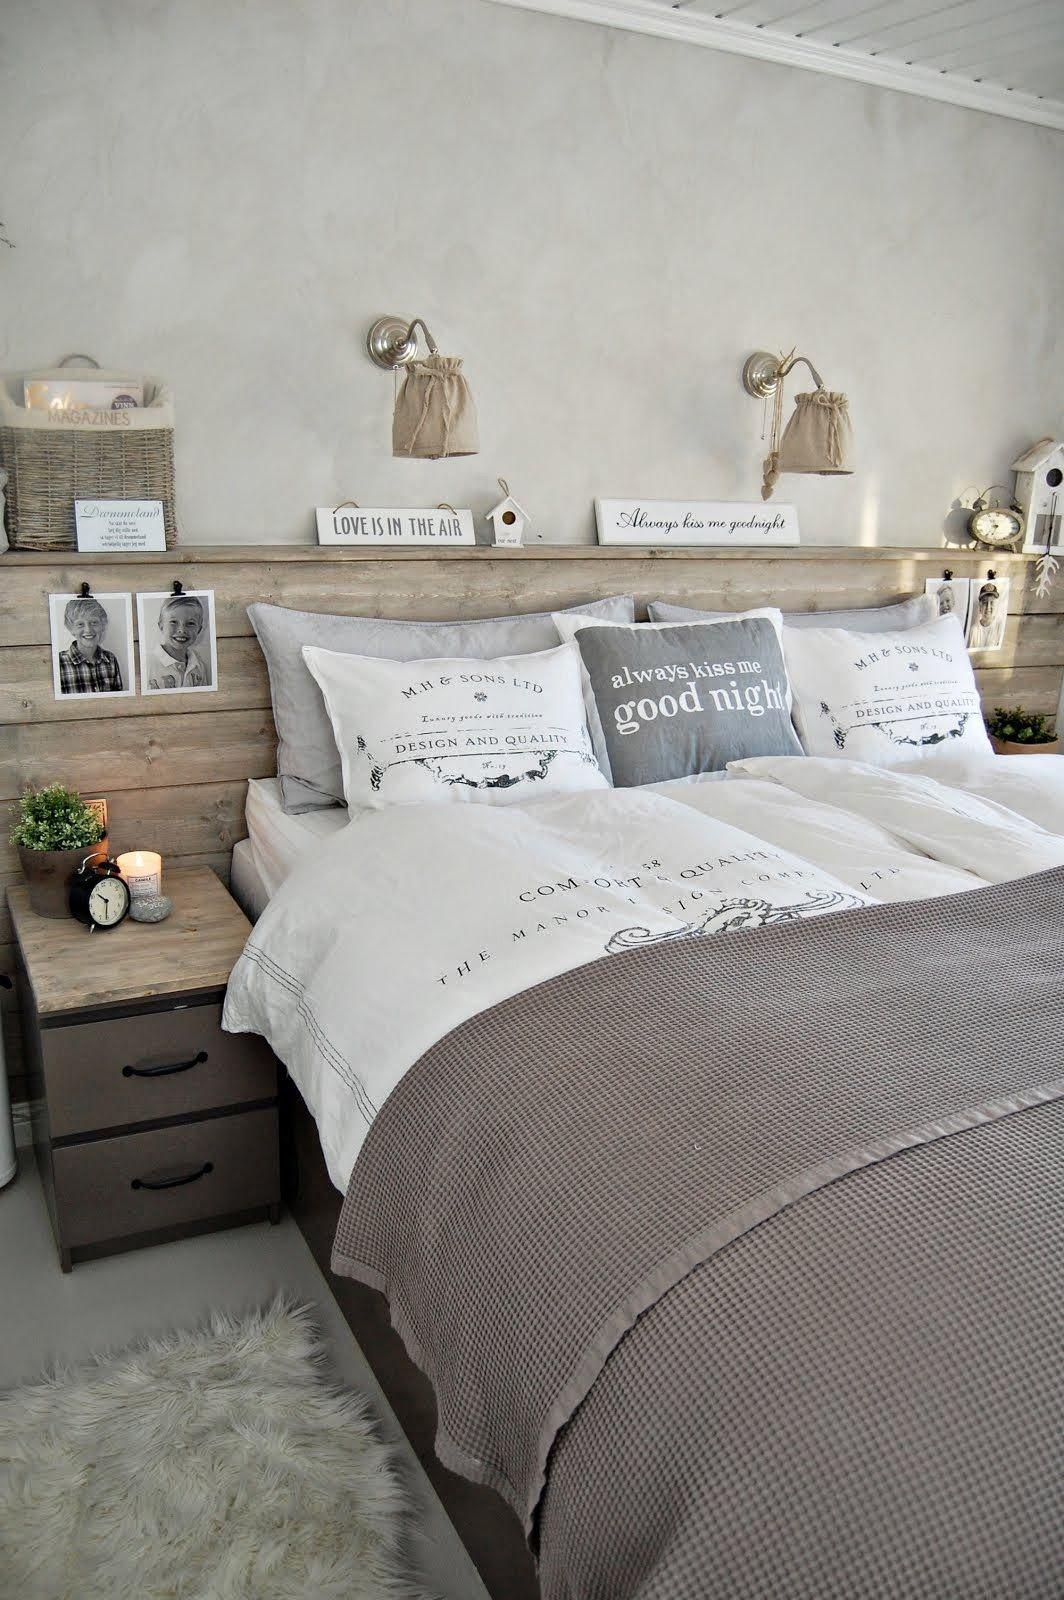 Mooie kleurtjes voor thuis en of in de slaapkamer i love it JB